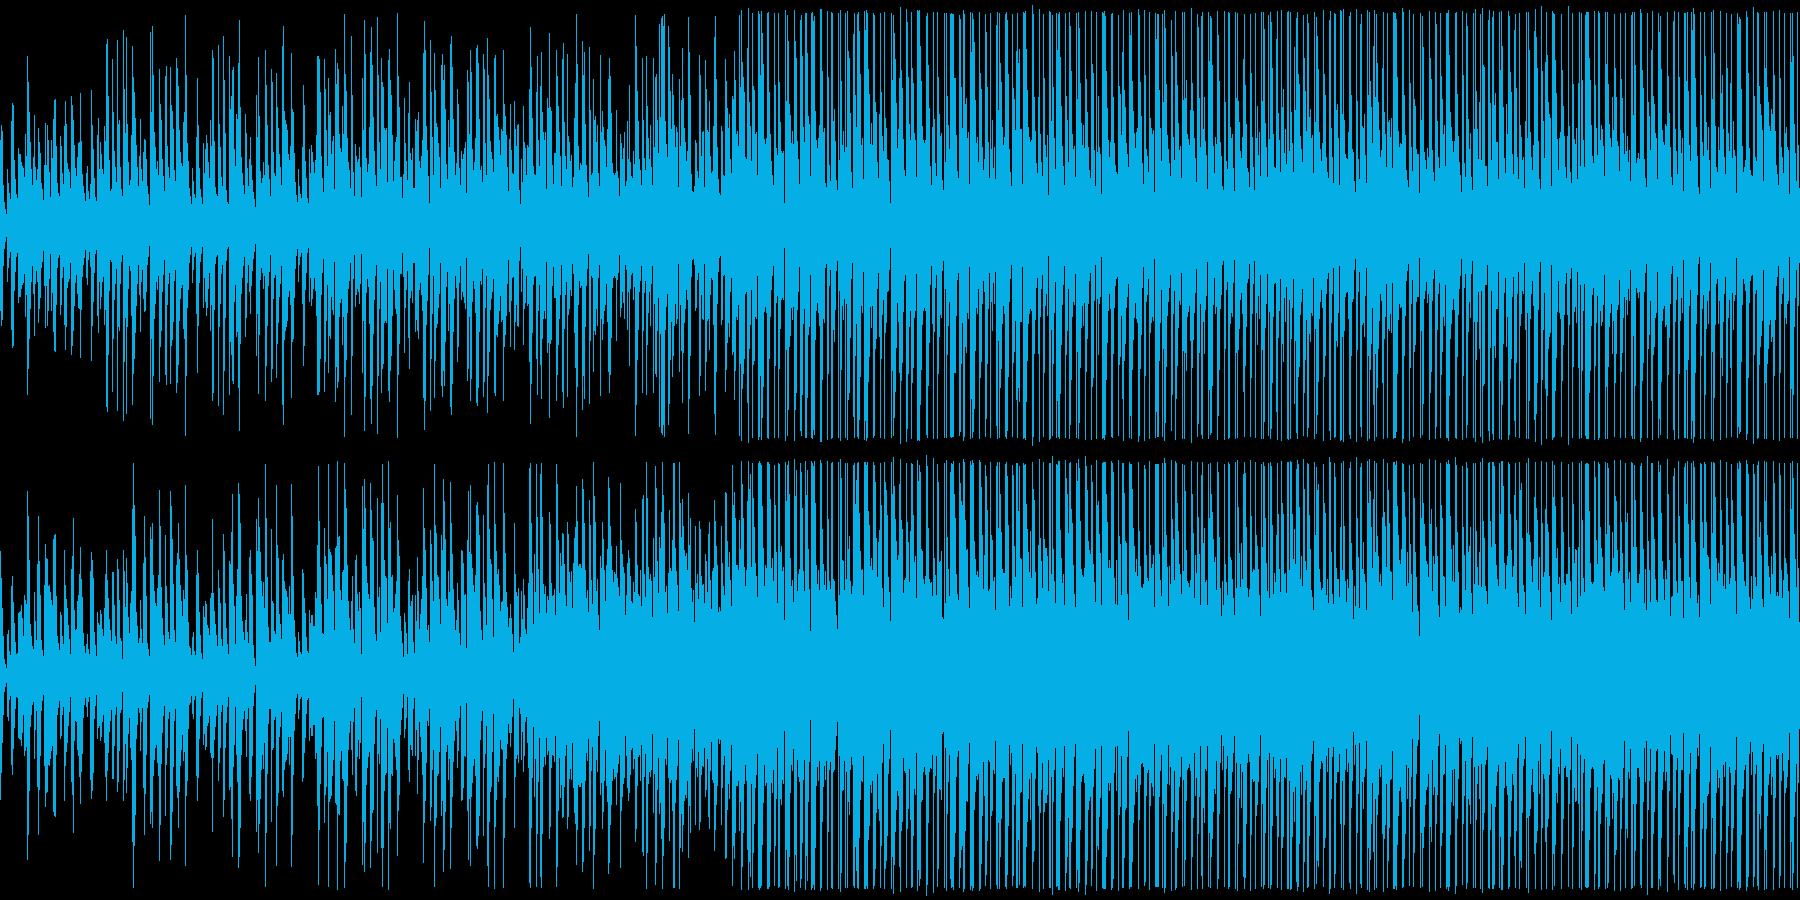 【ベース抜き】明るいほのぼのアンサンブ…の再生済みの波形